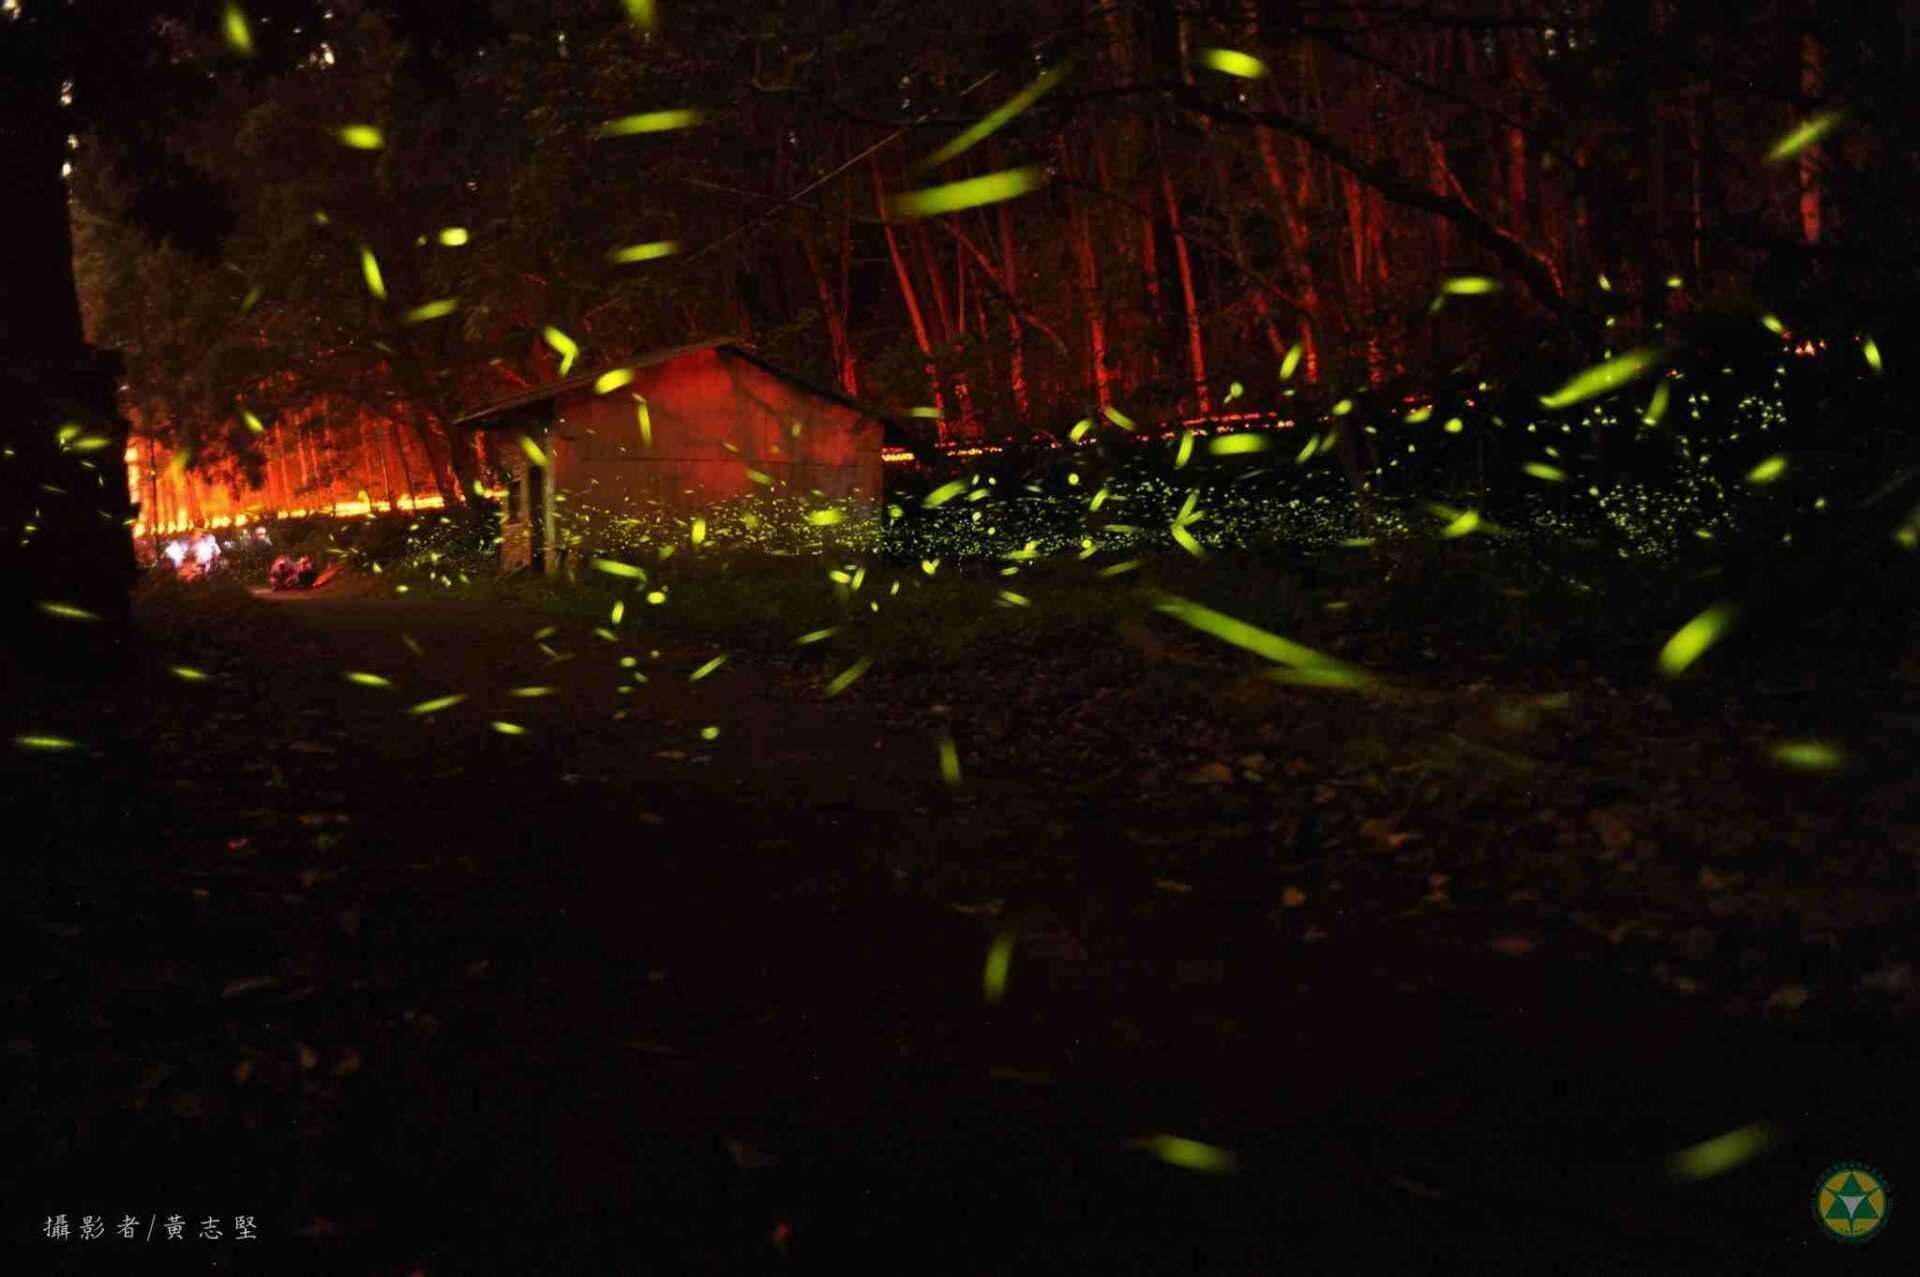 2020南投螢火蟲景點 ︱蓮華池-森林社區生態教育暨螢火蟲季